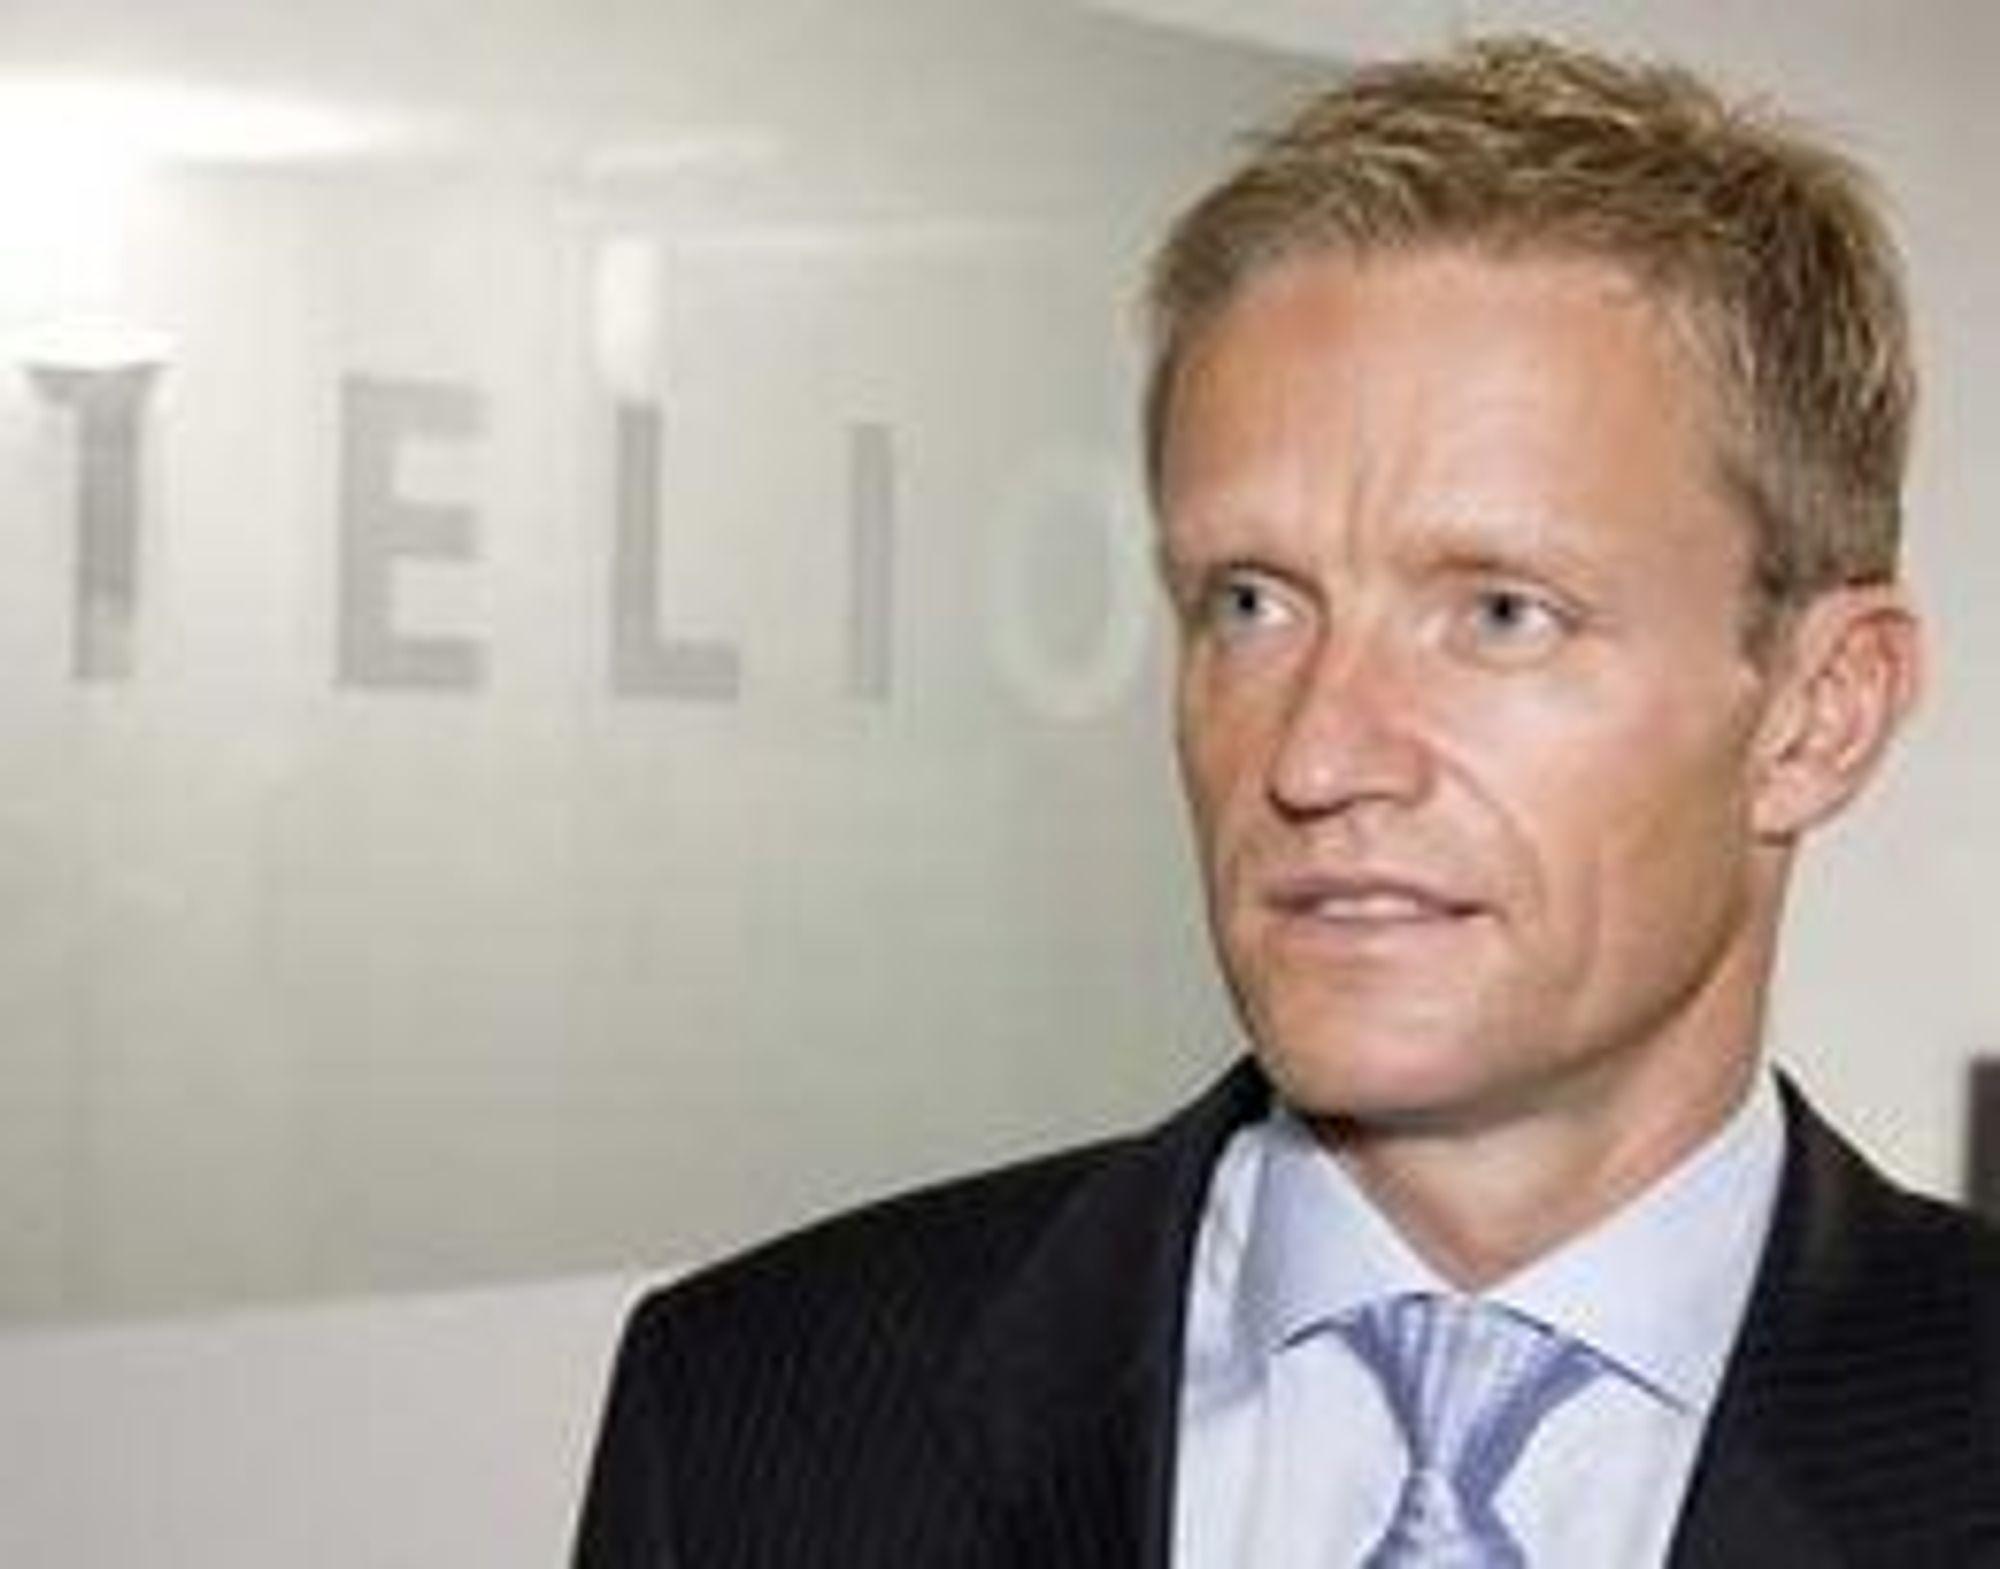 Telio-sjef Eirik Lunde opplever akselert vekst i antall kunder.